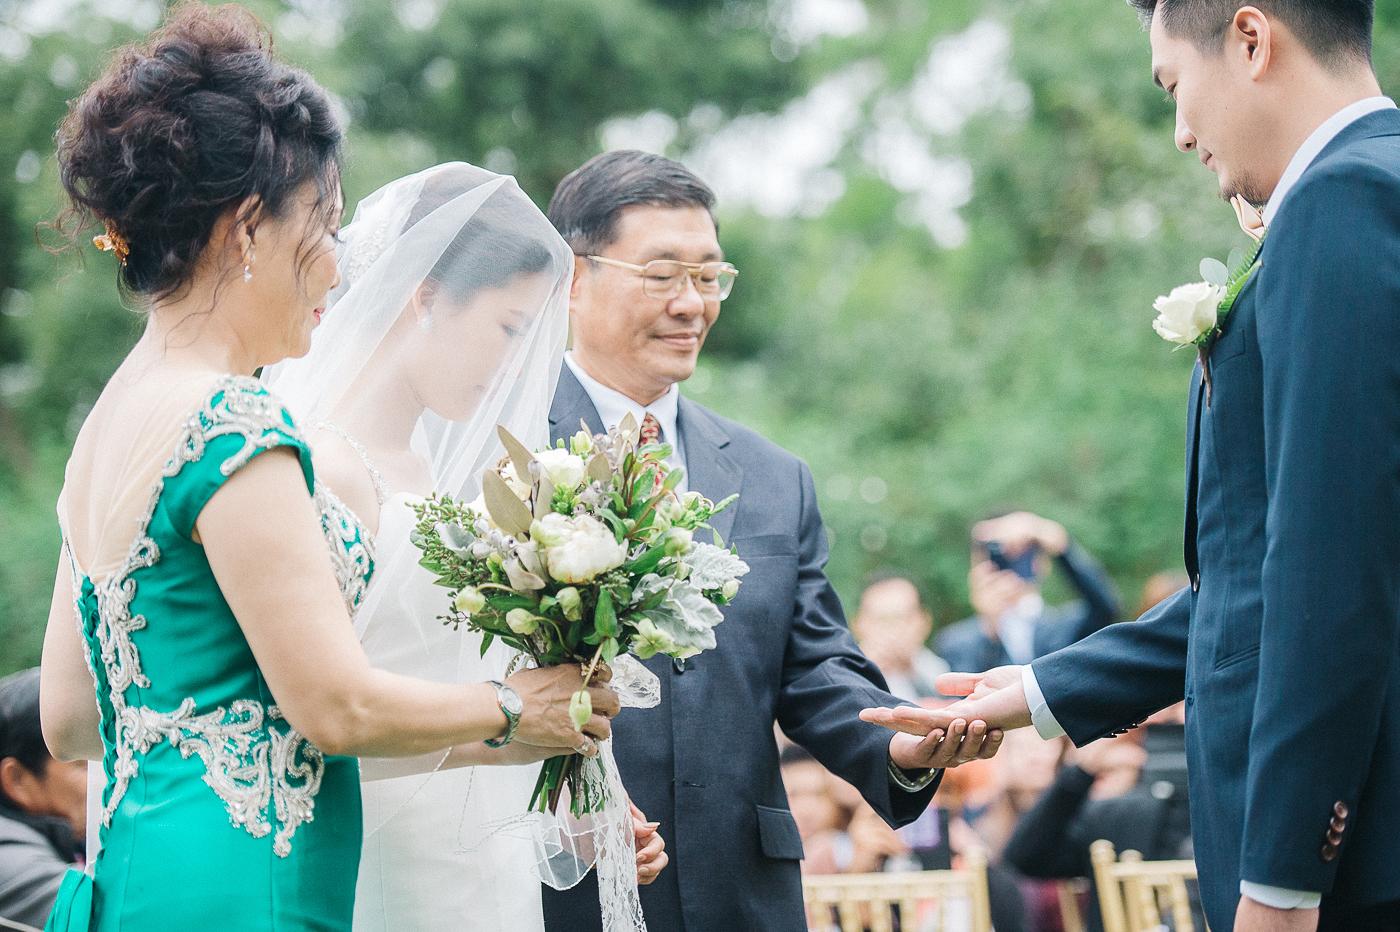 nickchang_realwedding_fineart-23